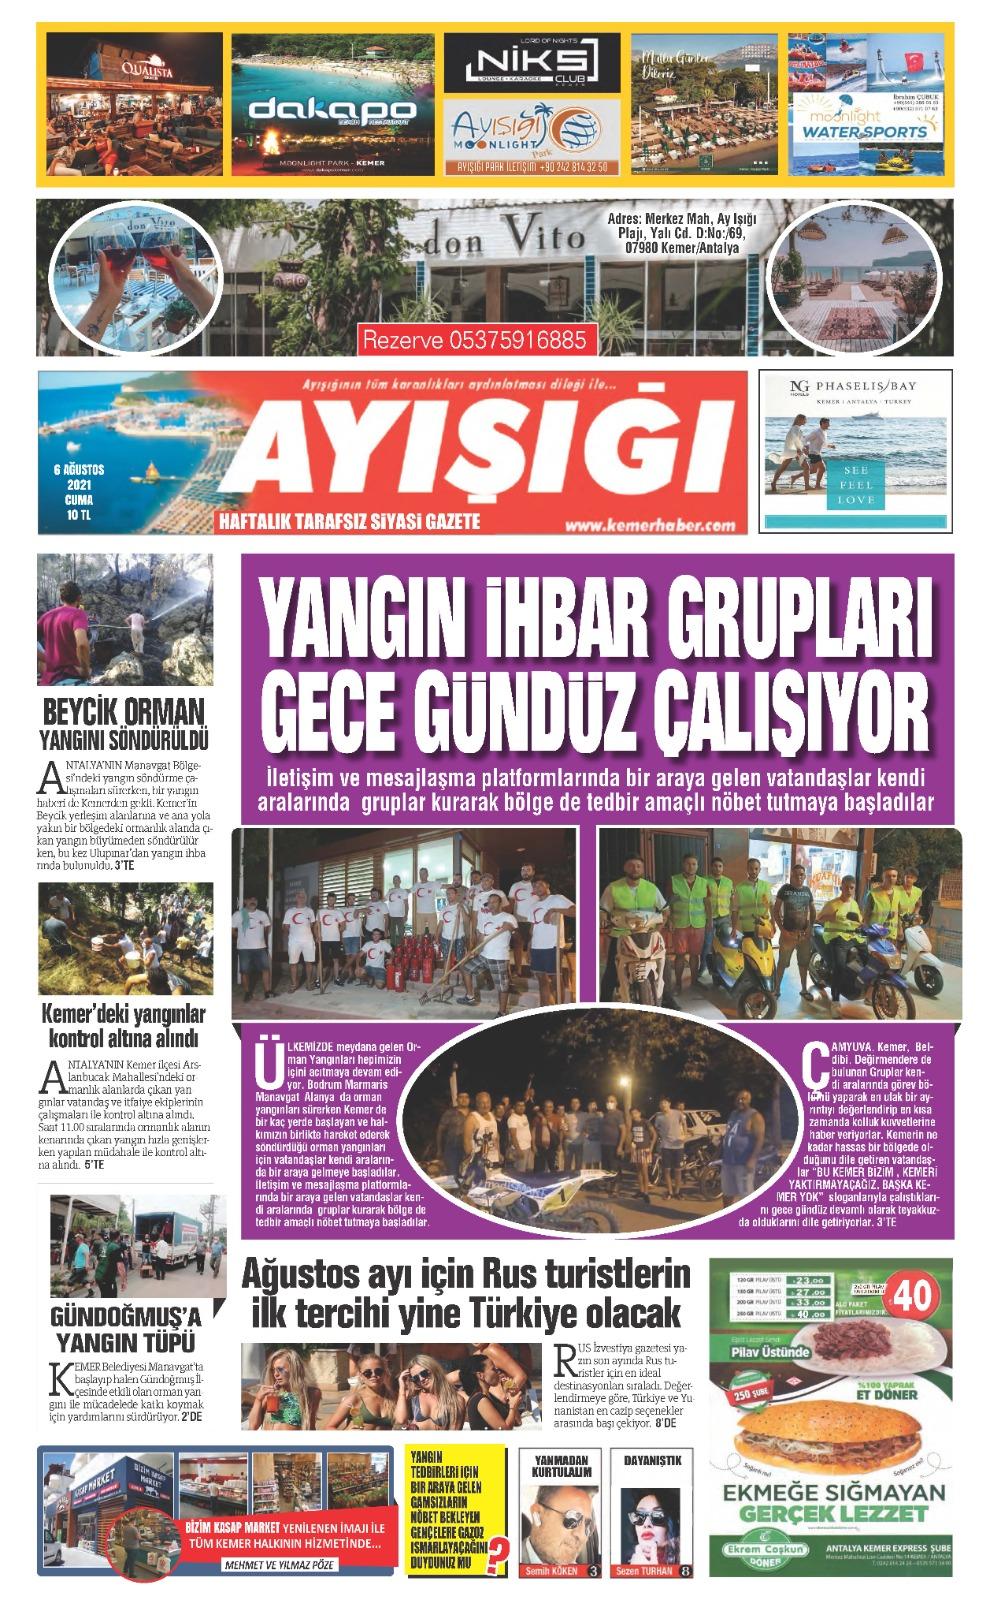 06 Ağustos 2021 Cuma Ayışığı Gazetesi